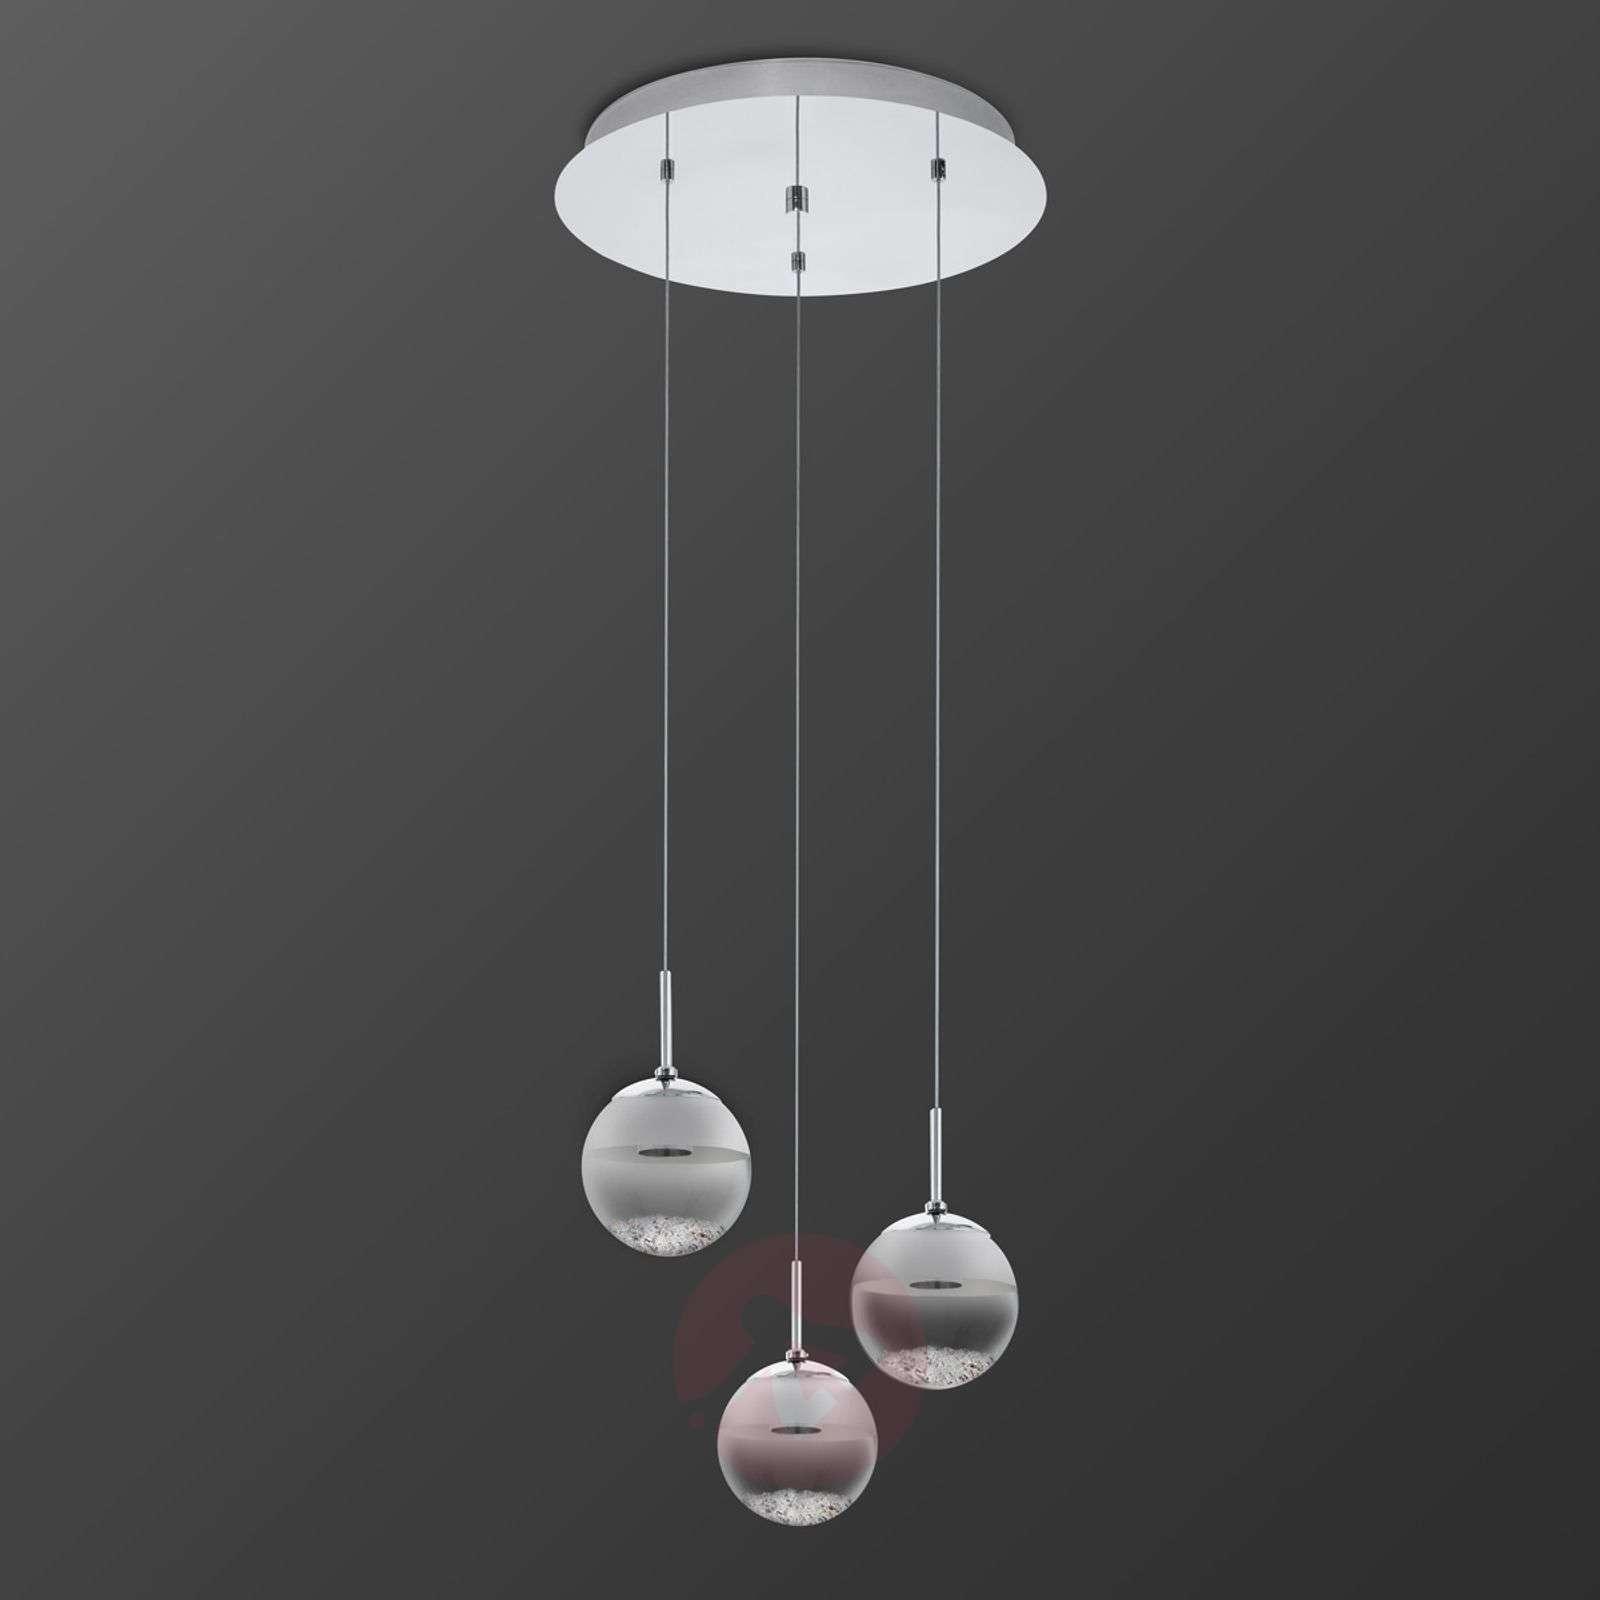 Pyöreä LED-riippuvalaisin Montefio, kristalli, 3-l-3031616-01